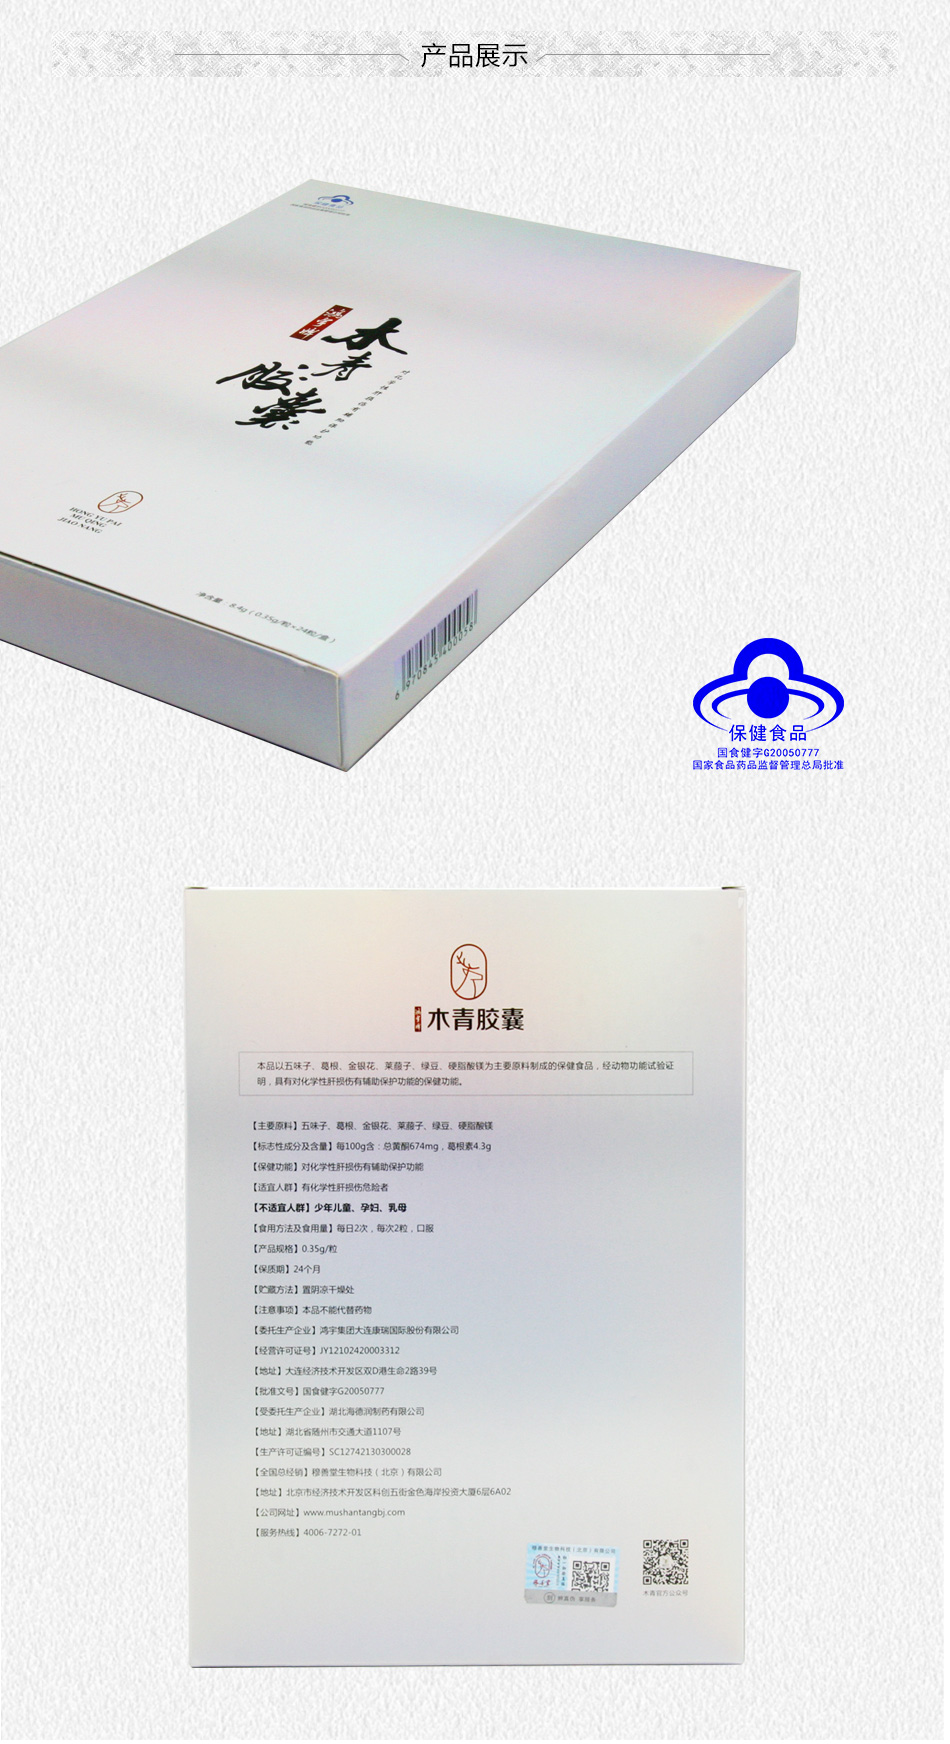 木青胶囊新版详情页20171225_07